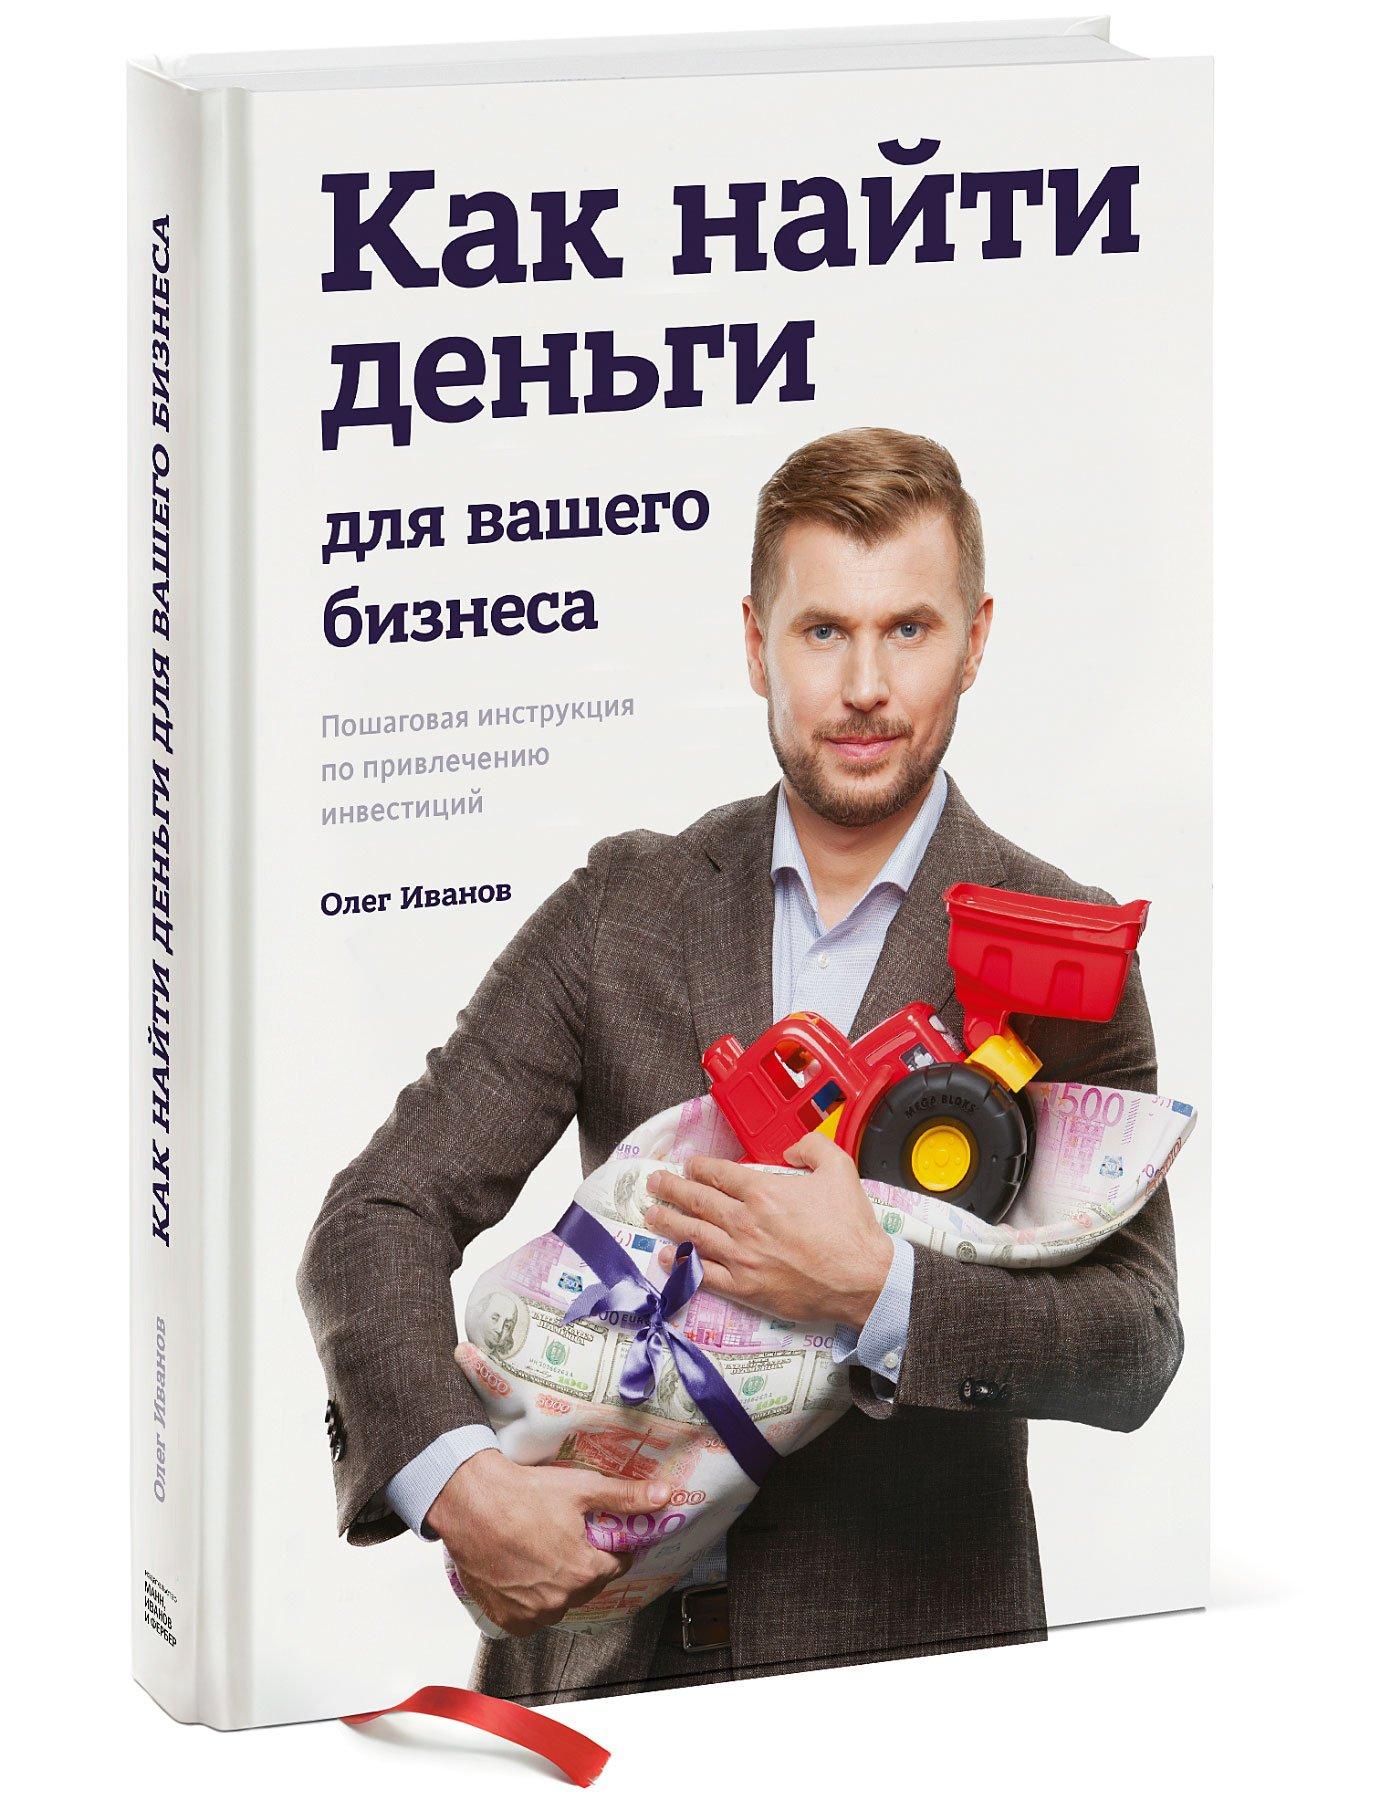 Фото - Иванов Олег В Как найти деньги для вашего бизнеса. Пошаговая инструкция по привлечению инвестиций автомойки